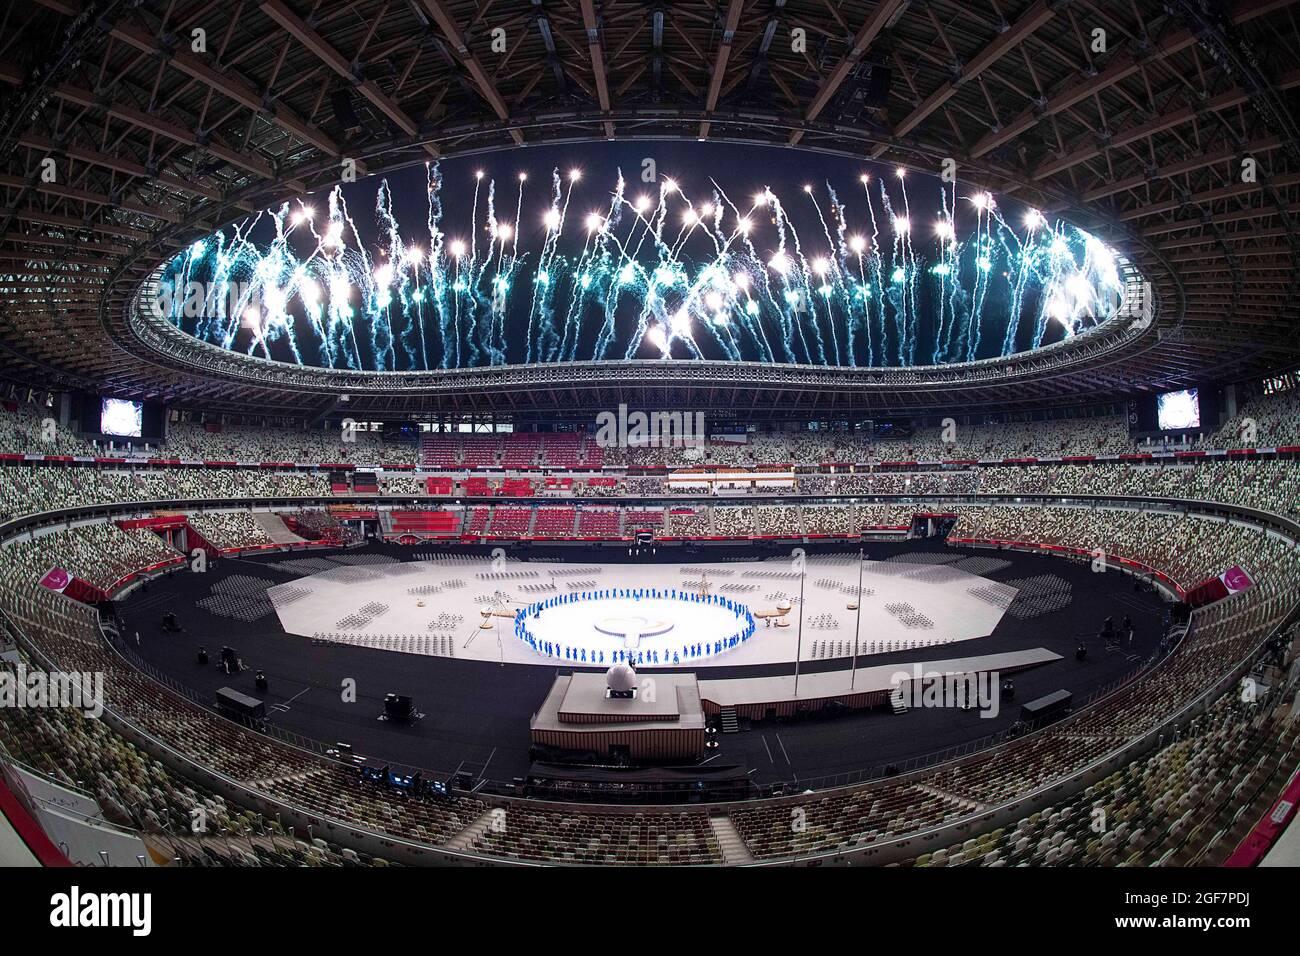 Tokio, Japan. August 2021. Während der Eröffnungsfeier der Paralympischen Spiele 2020 in Tokio, Japan, am 24. August 2021 explodieren Feuerwerke über dem Olympiastadion. Quelle: Xiong Qi/Xinhua/Alamy Live News Stockfoto